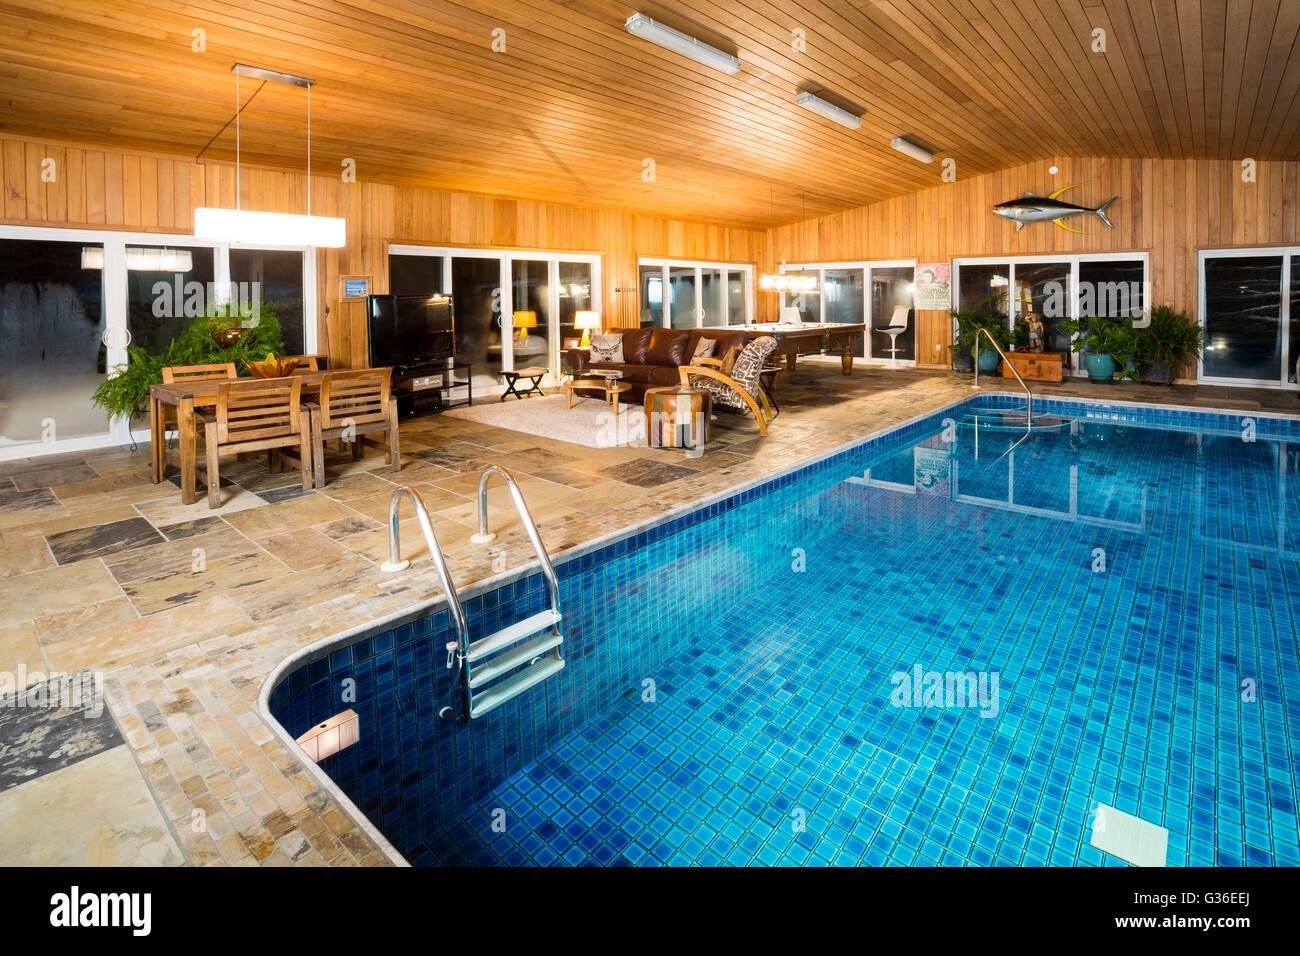 Casa con piscina coperta america del nord canada ontario foto immagine stock 105249274 alamy - Piscina interna casa ...